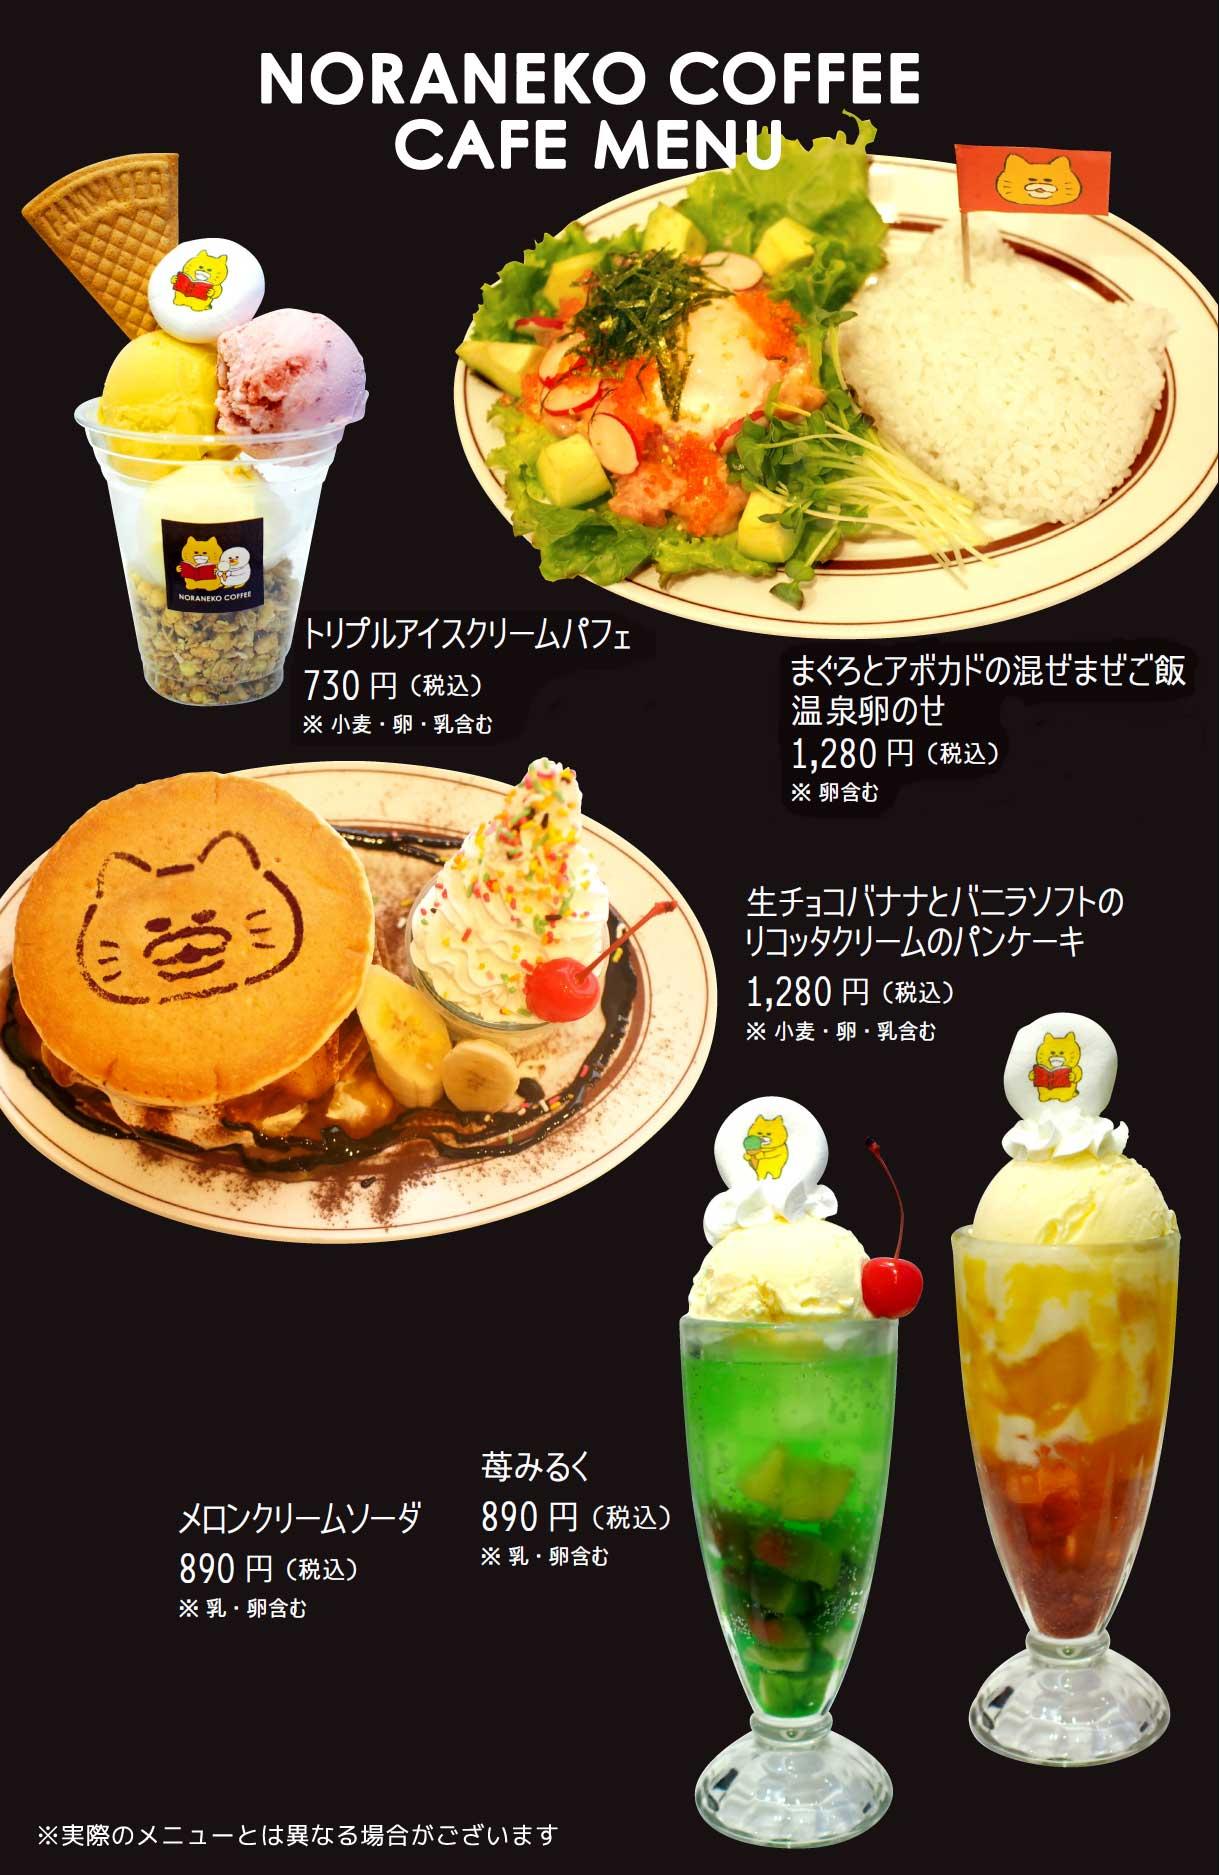 ノラネコぐんだんのアイスクリームパフェ・混ぜまぜごはん・パンケーキ・苺みるく・クリームソーダ